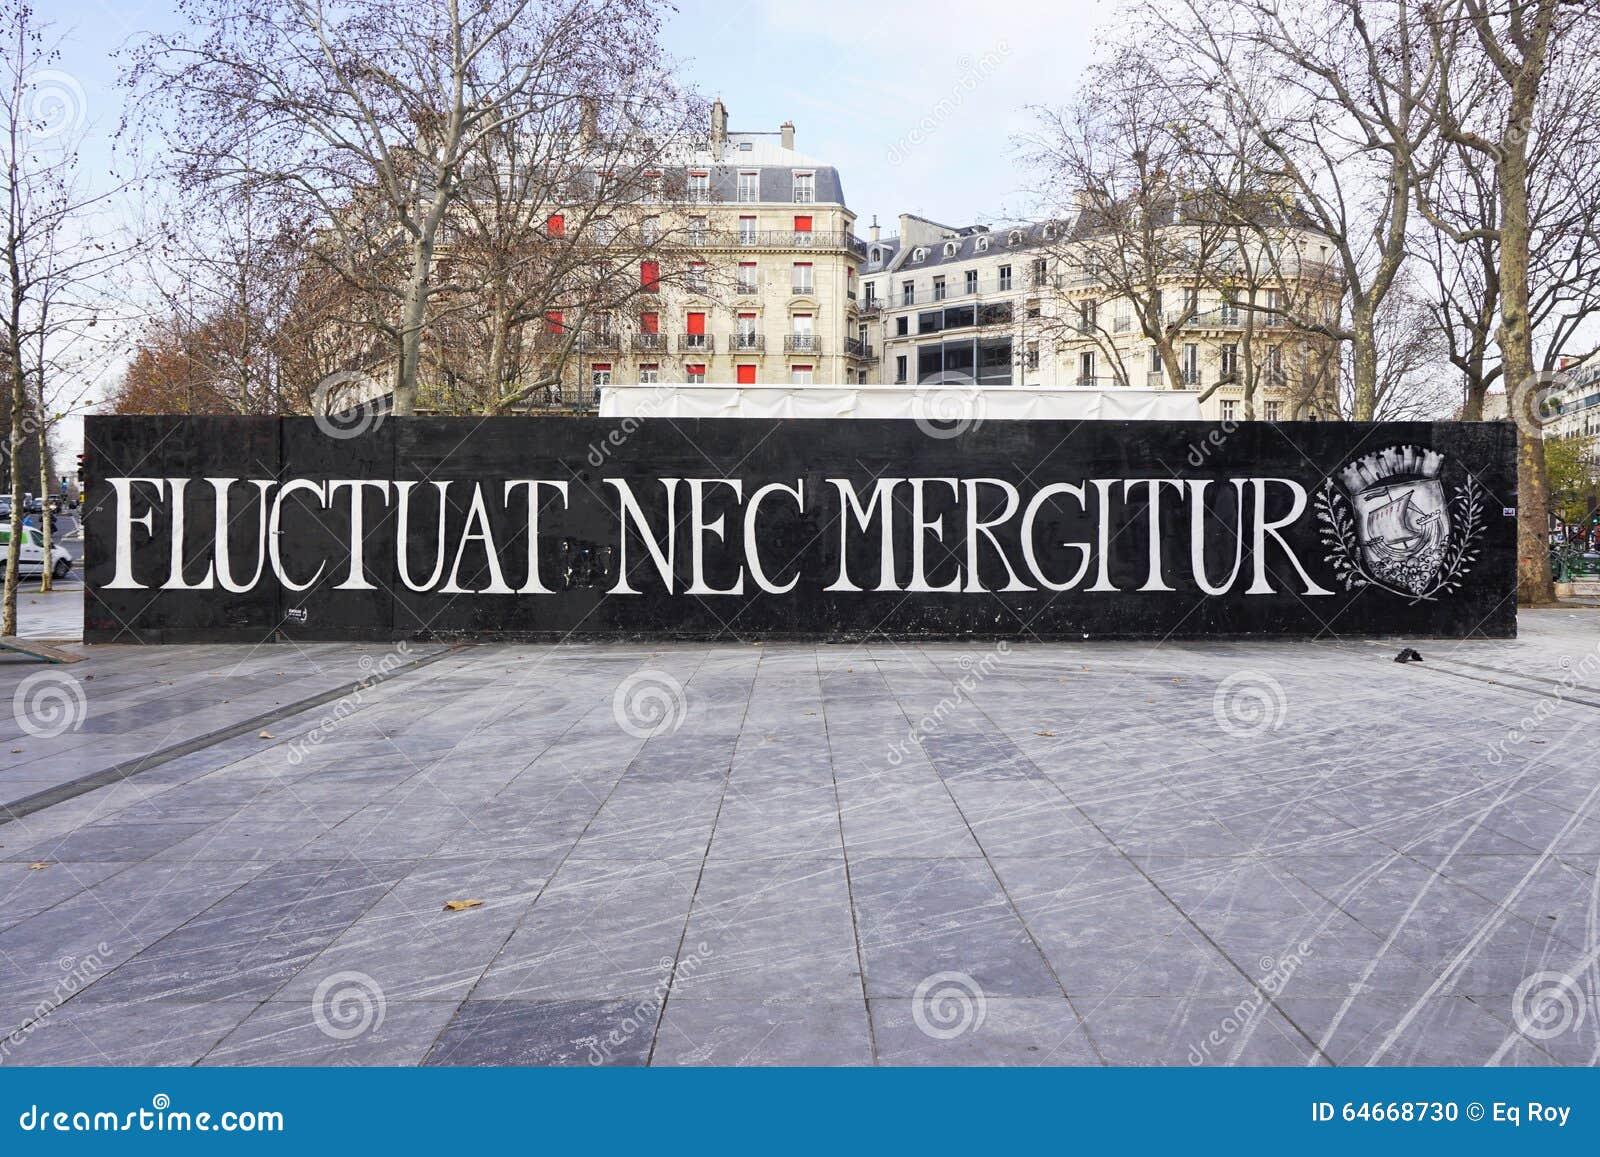 The Fluctuat Nec Mergitur City of Paris motto